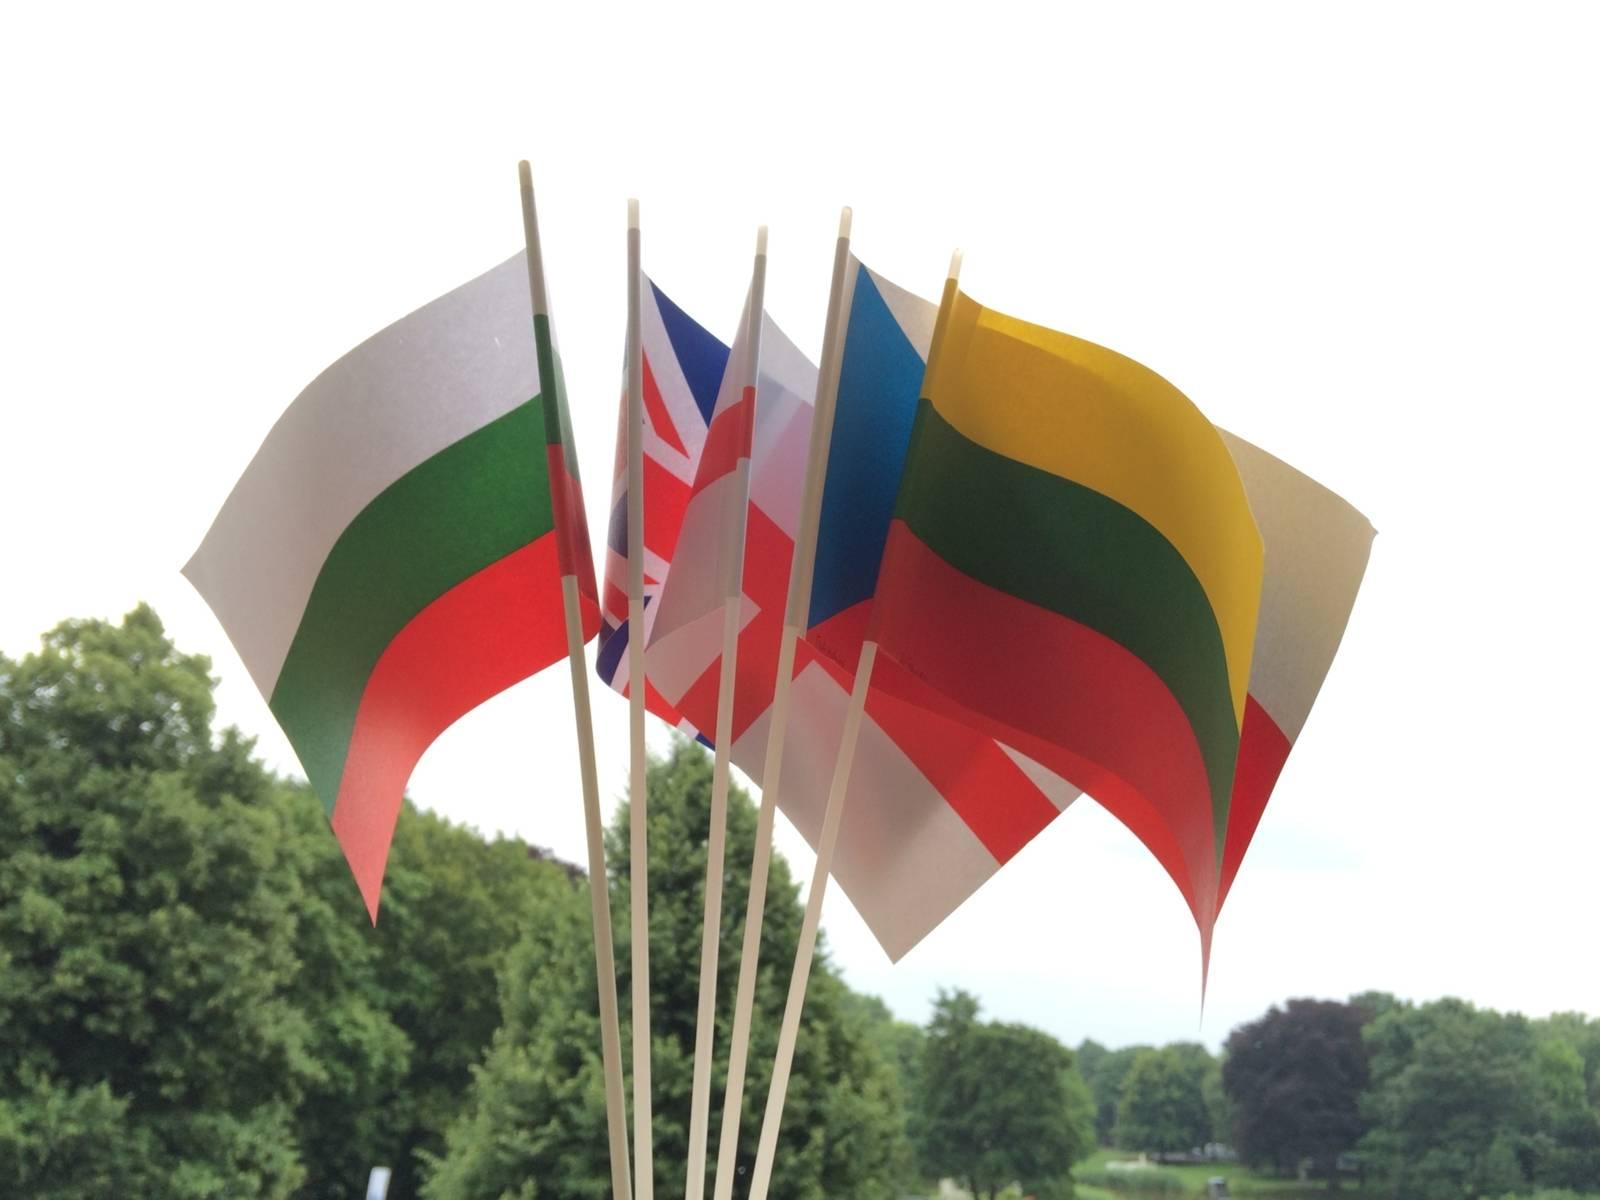 Das Bild zeigt verschiedene Länderflaggen.